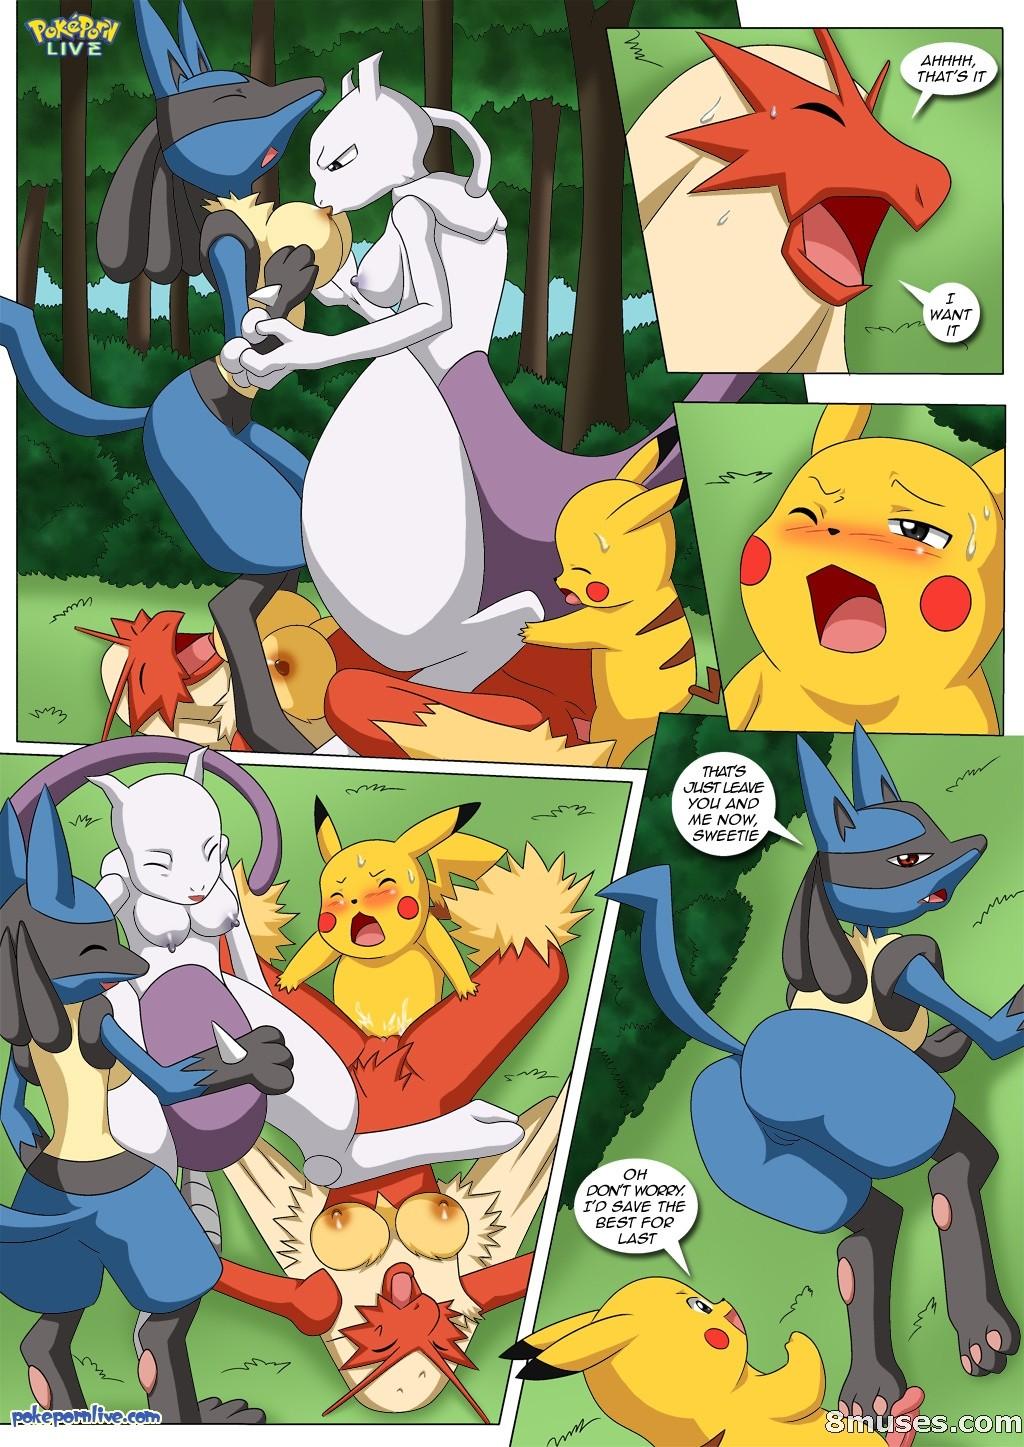 Female pokemon porn pics xxx pic